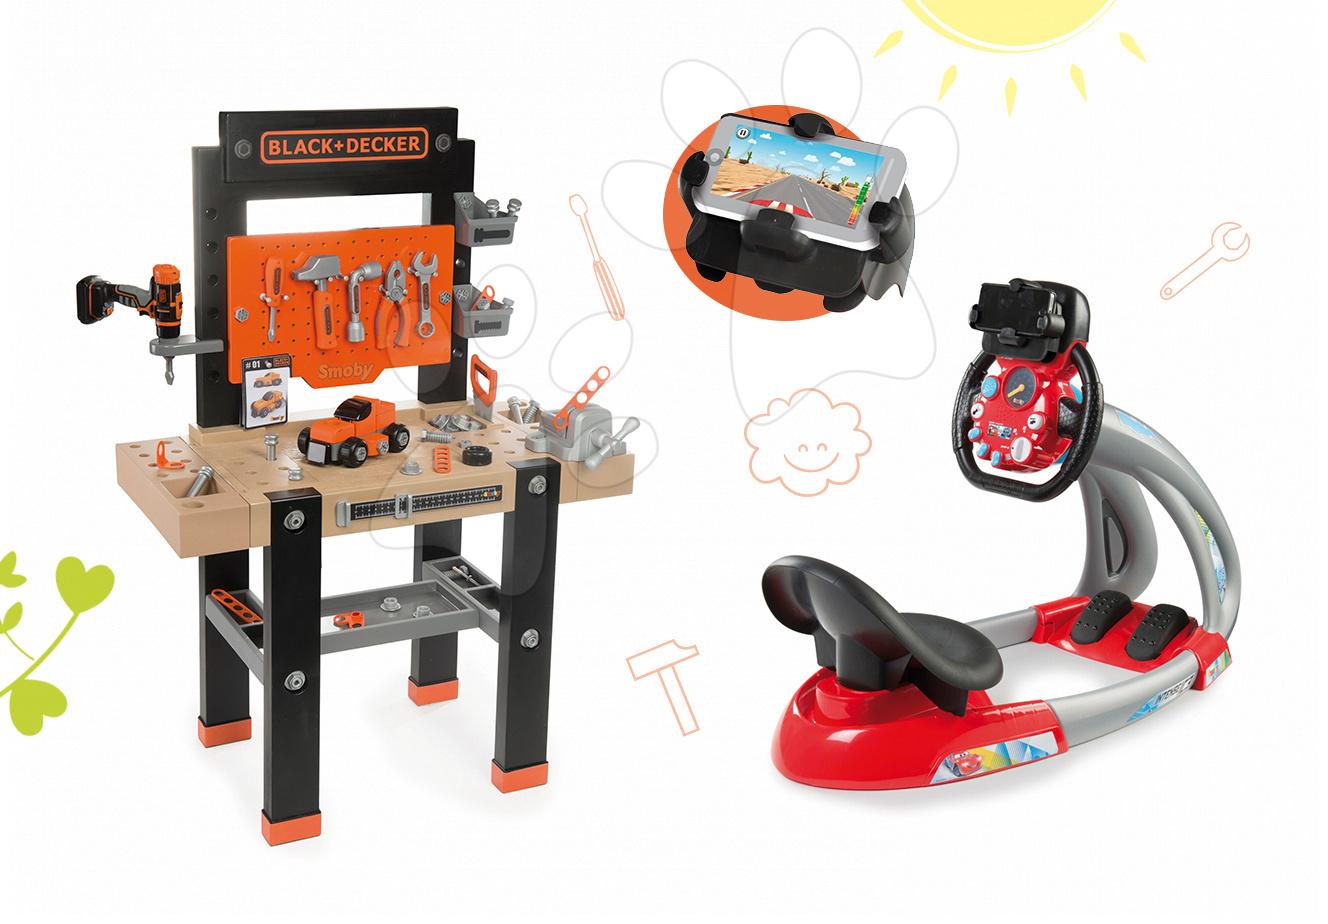 Detská dielňa sety - Set pracovná dielňa Black+Decker Smoby s vŕtačkou a elektronický trenažér V8 Driver